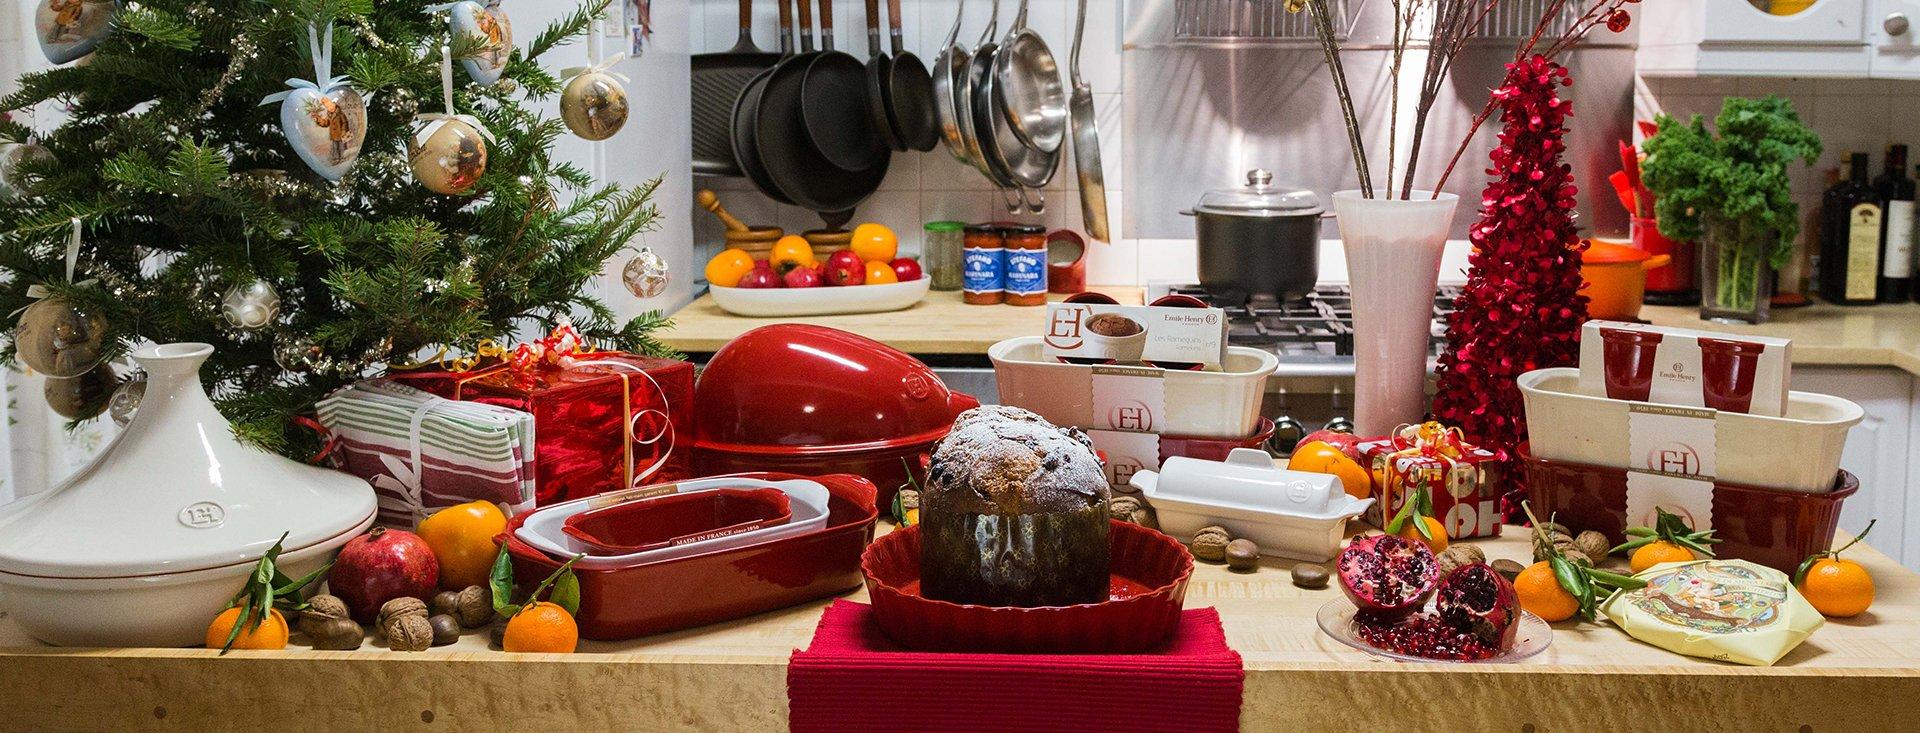 Quincaillerie dante accessoires articles de cuisine for Articles cuisine montreal